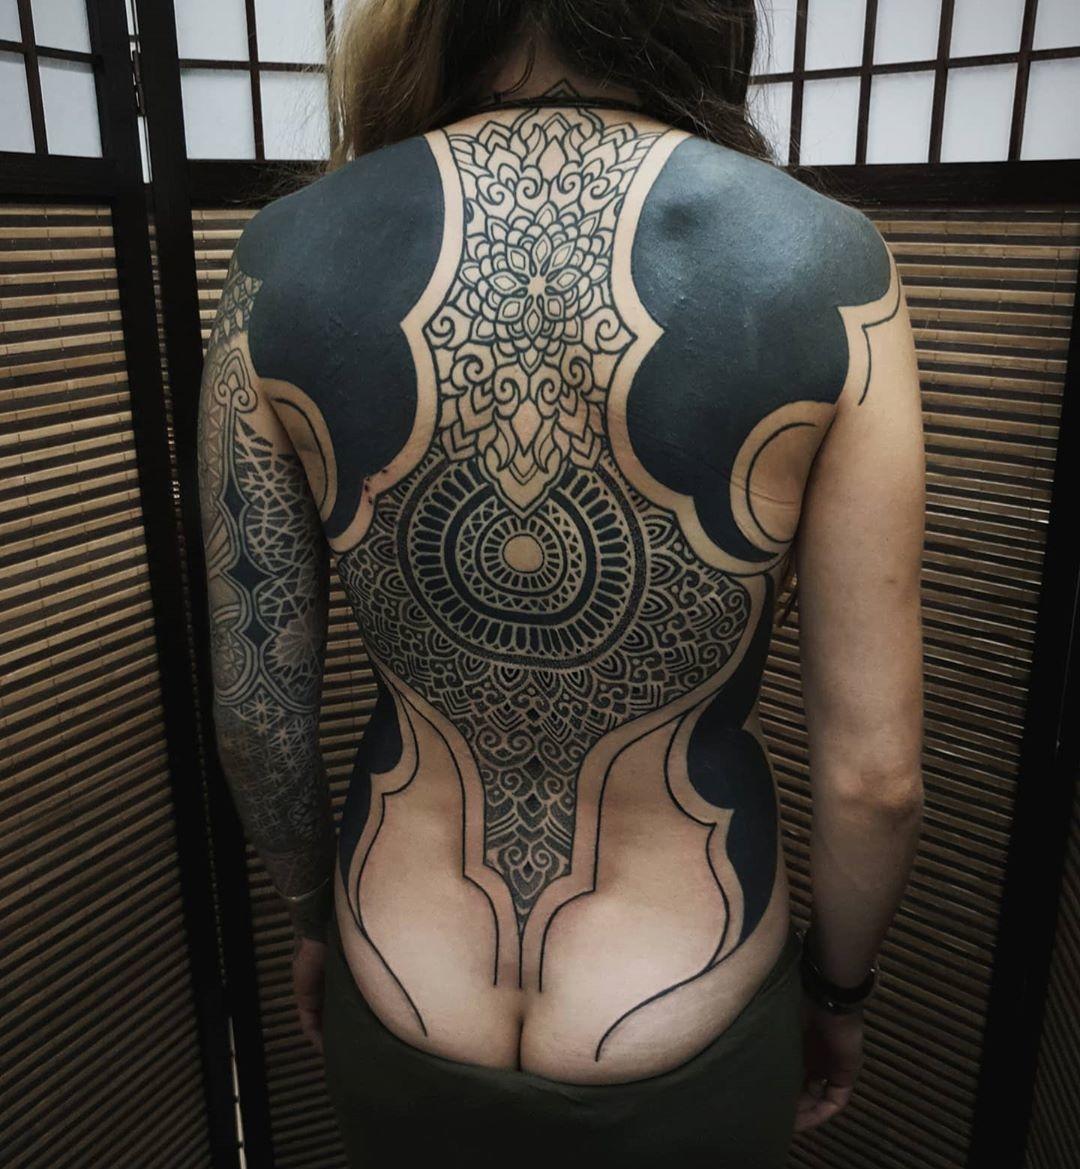 Inksearch tattoo Manuel Zellkern